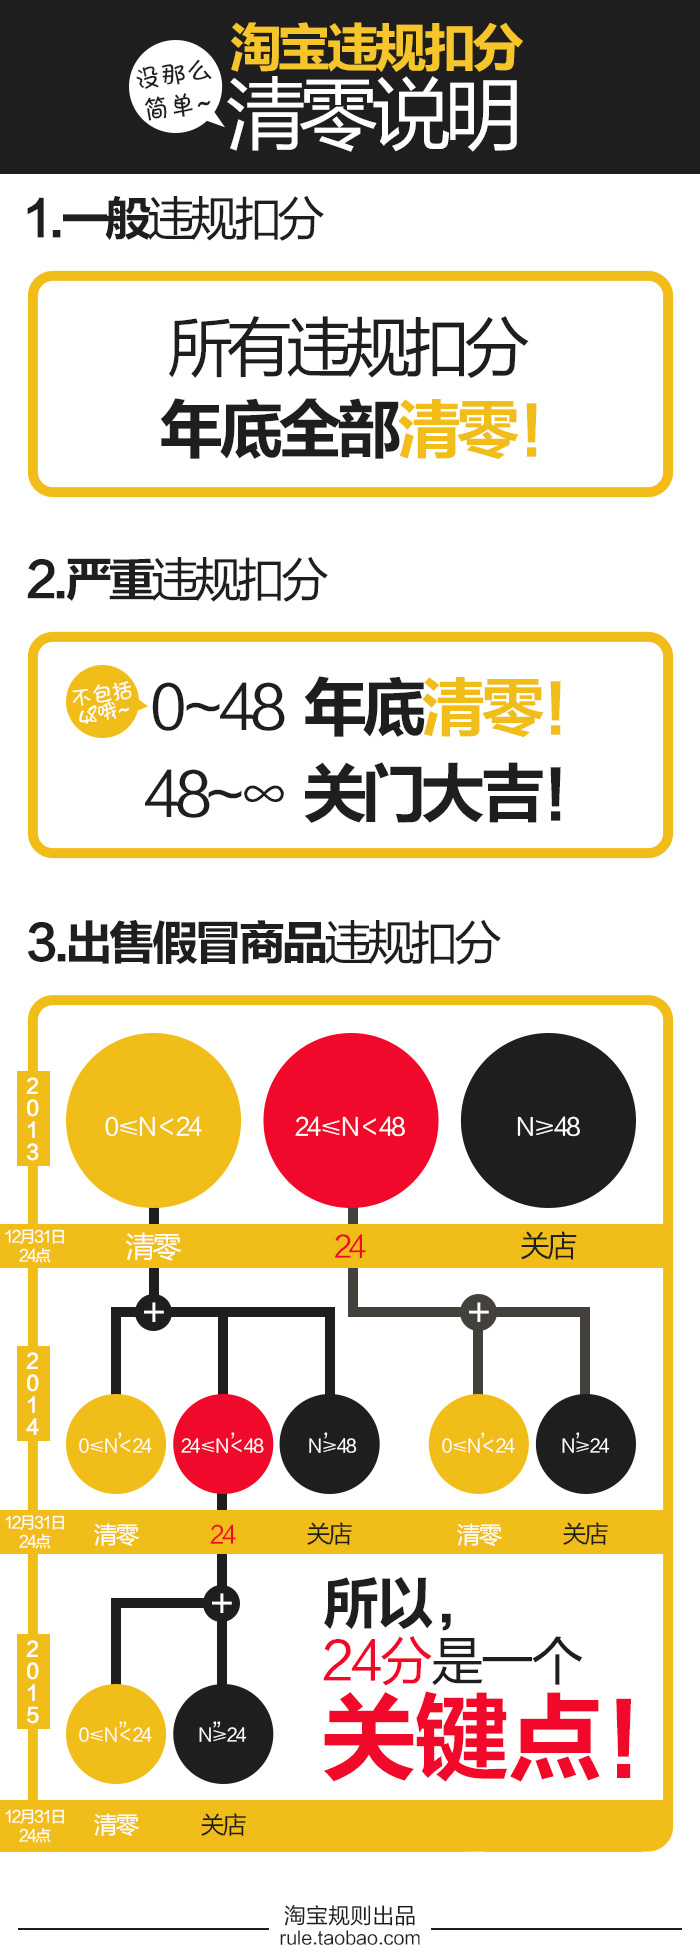 【重要通知】2014年淘宝网违规计分清零说明 - 第1张  | vicken电商运营